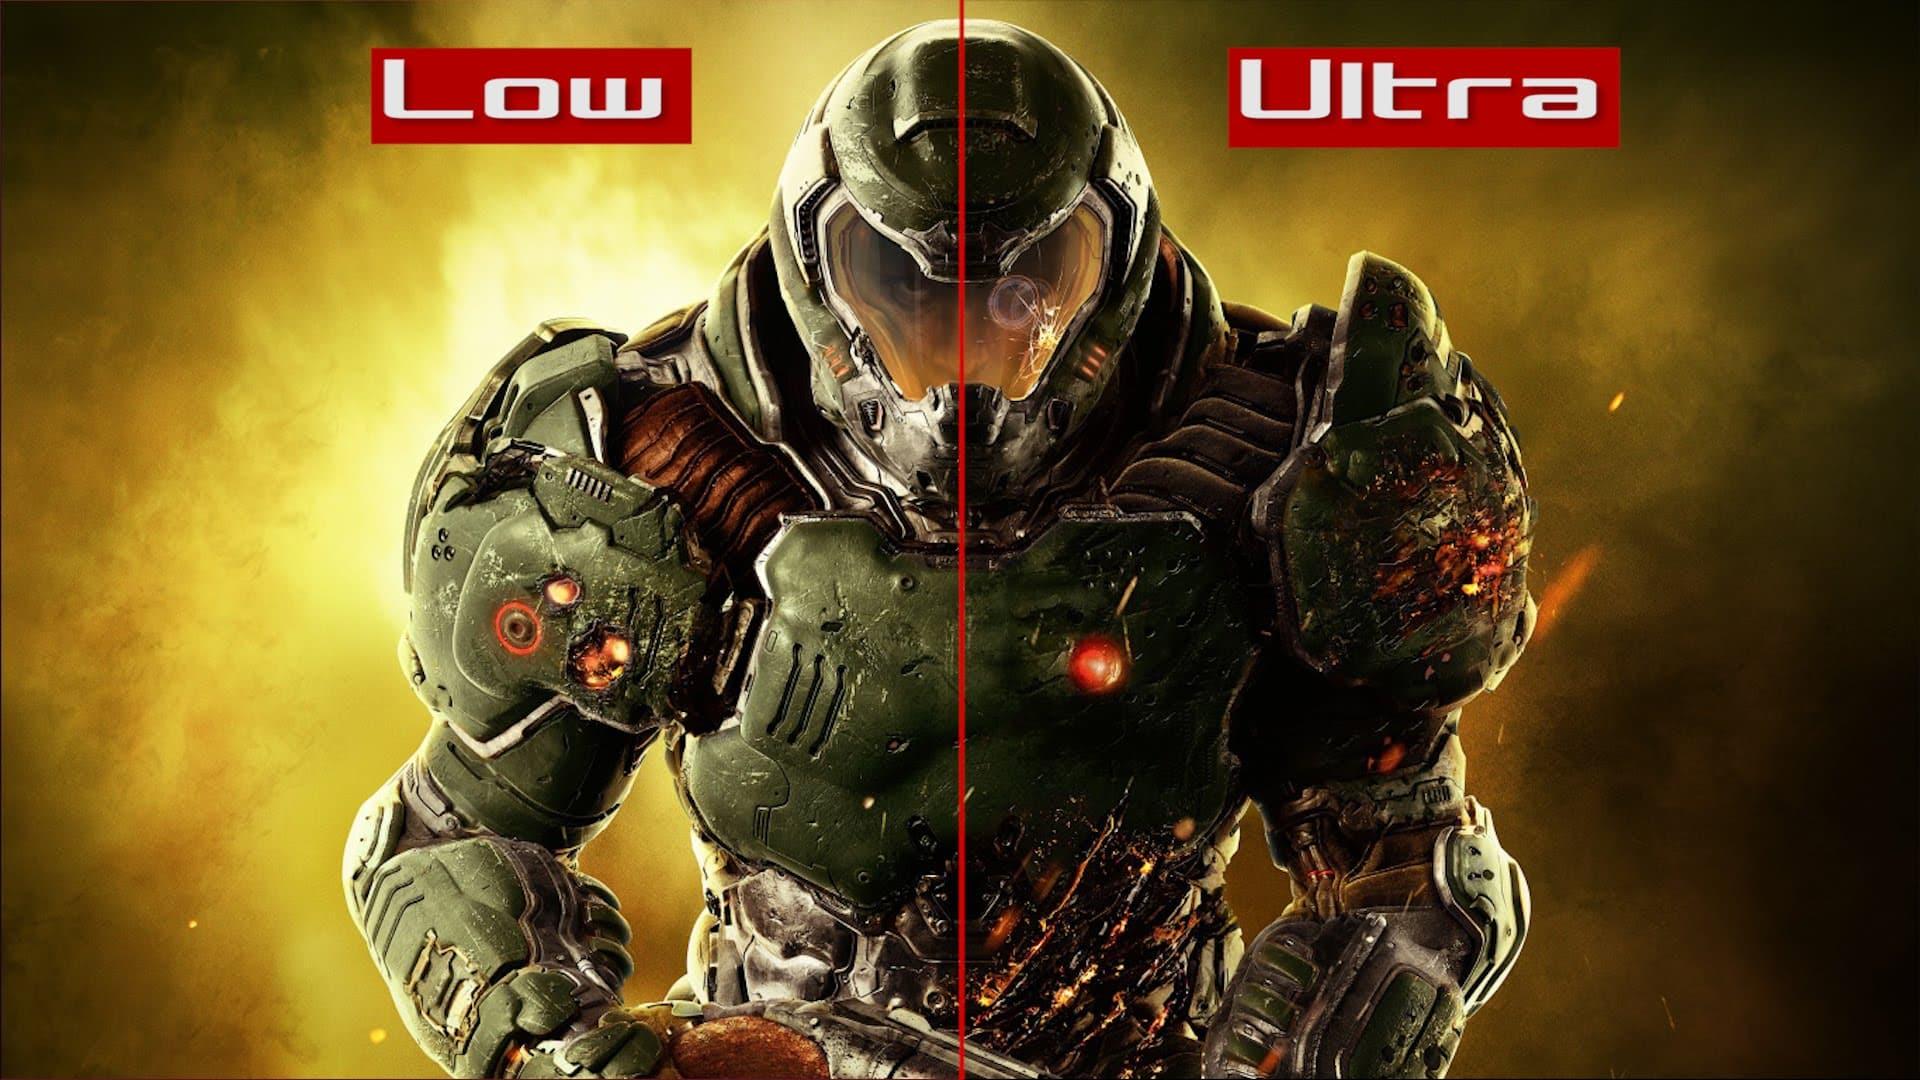 DOOM - PC Low vs Ultra - Confronto Impostazioni Grafiche